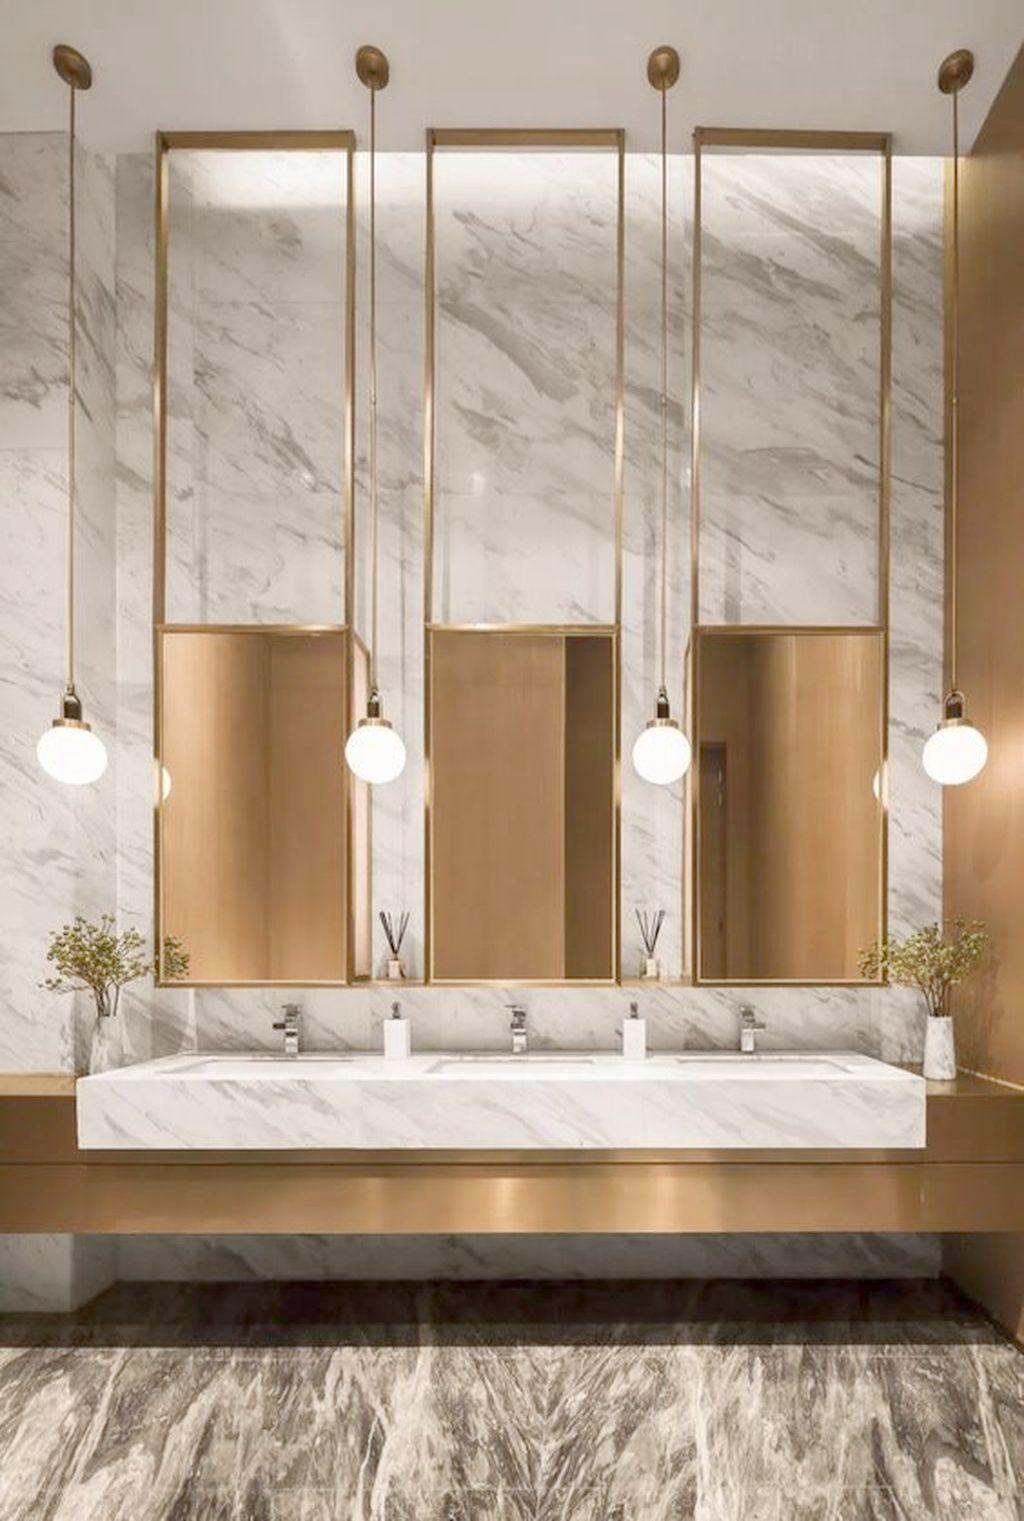 Bathroom Light Fixtures Reno Depot amid Bathroom Design ...